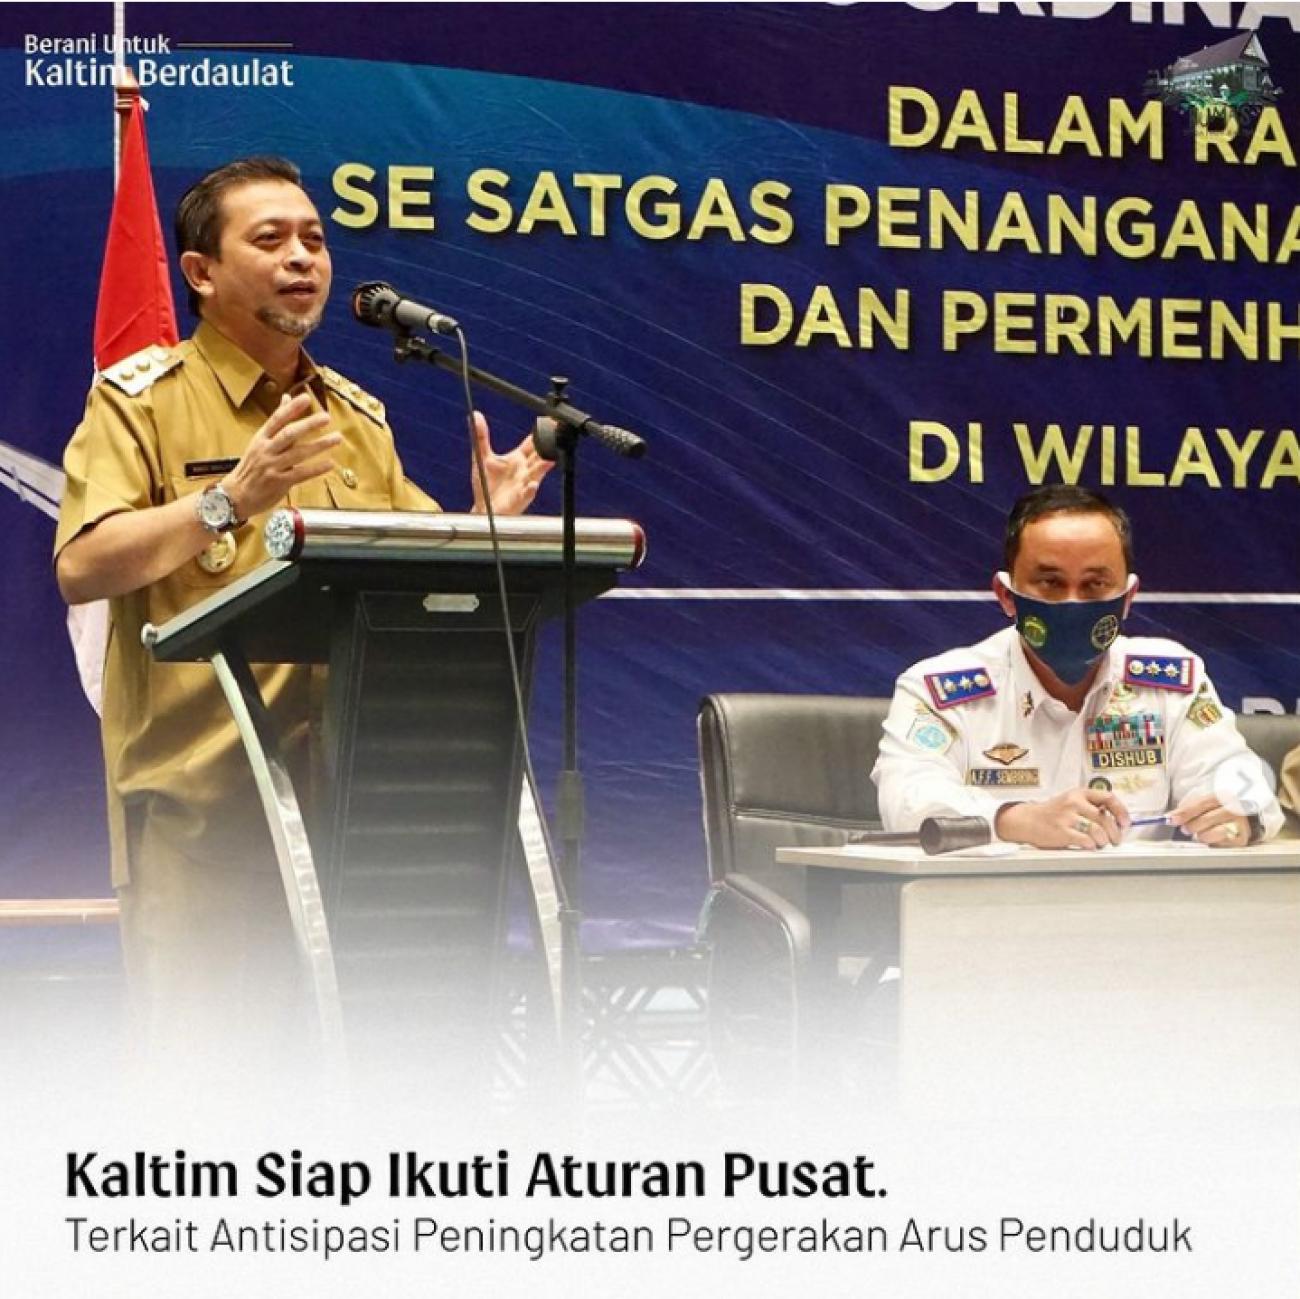 Arahan Wakil Gubernur dan Pemprov Kaltim tentang Peniadaan atau Larangan Mudik Idul Fitri 1442 H/ 2021 M